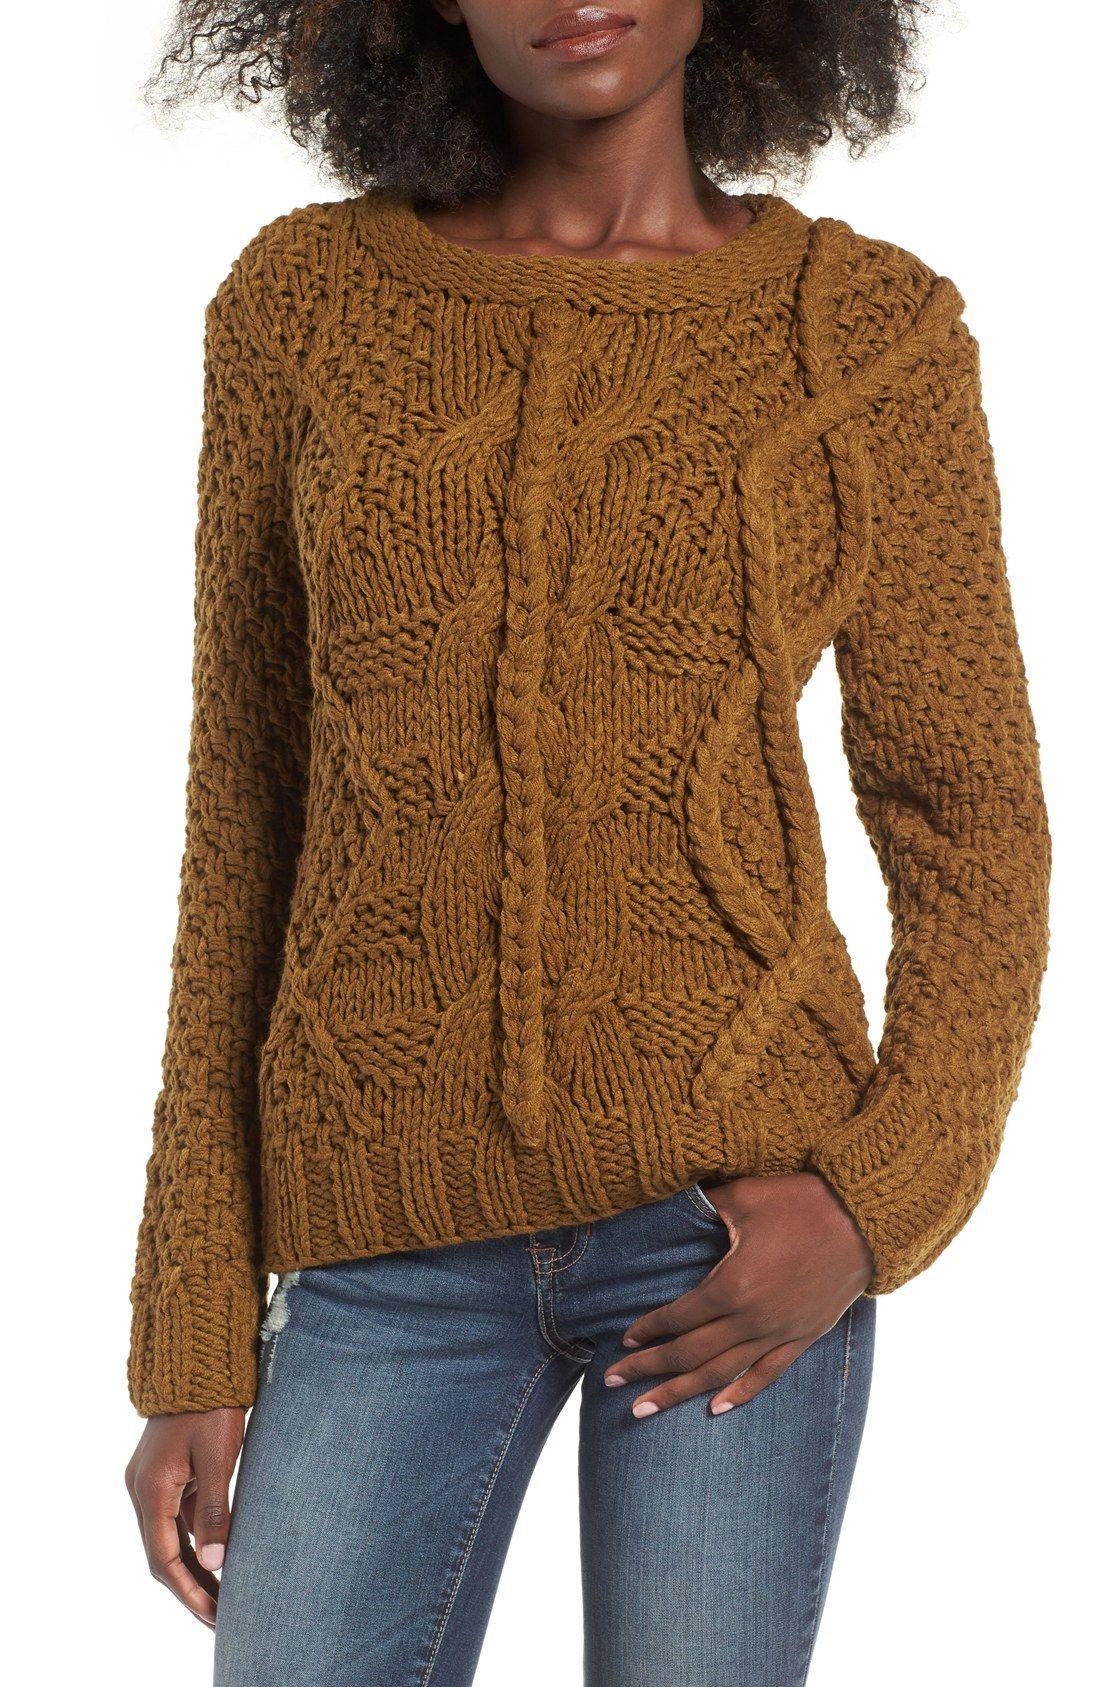 CUTE Chunky Knit Sweater | Fall Style | Pinterest | Knits ...